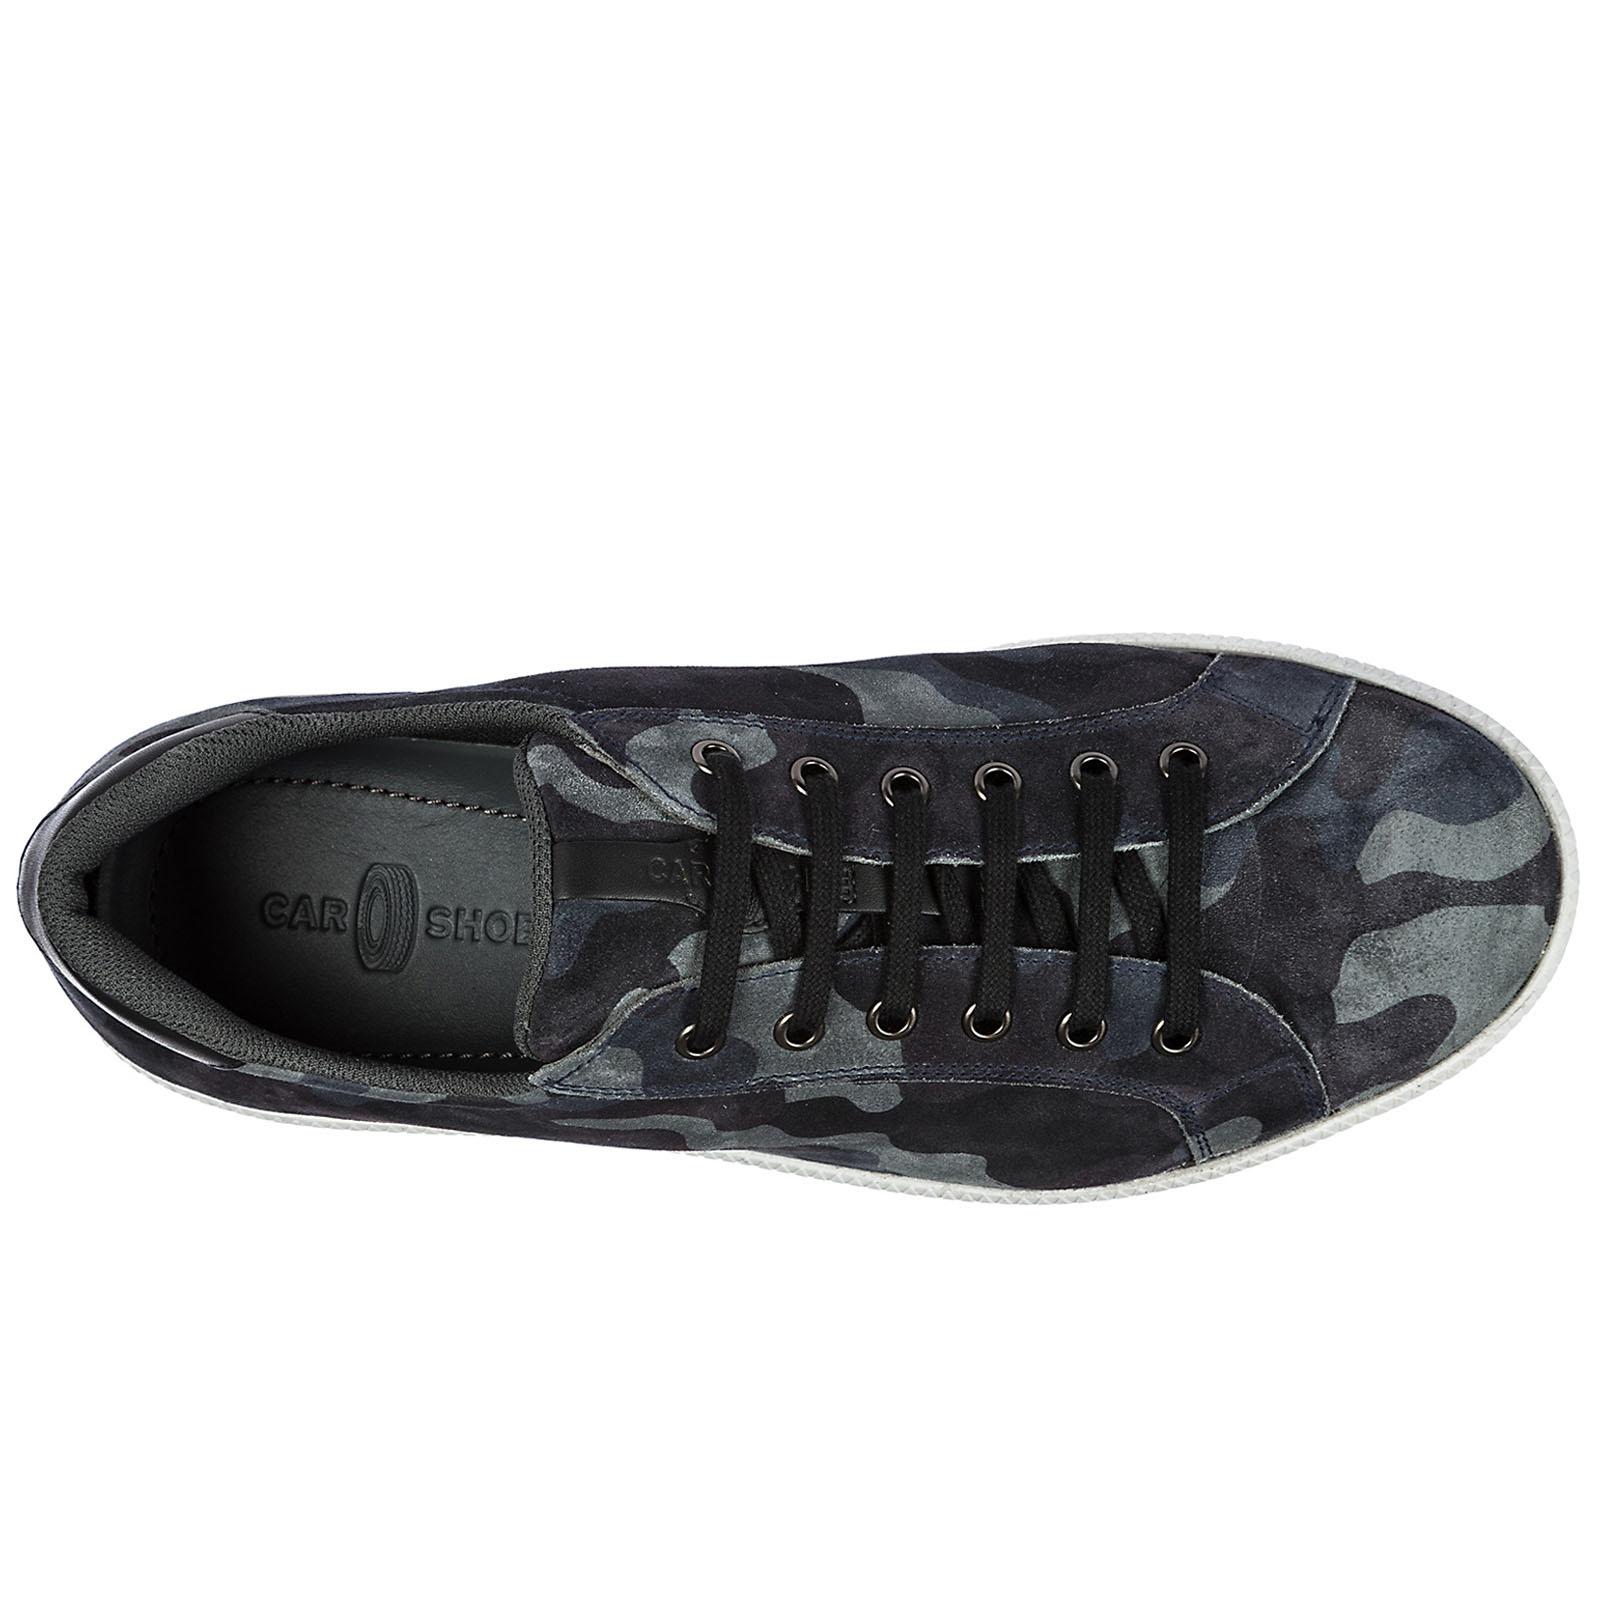 Herrenschuhe herren wildleder sneakers schuhe